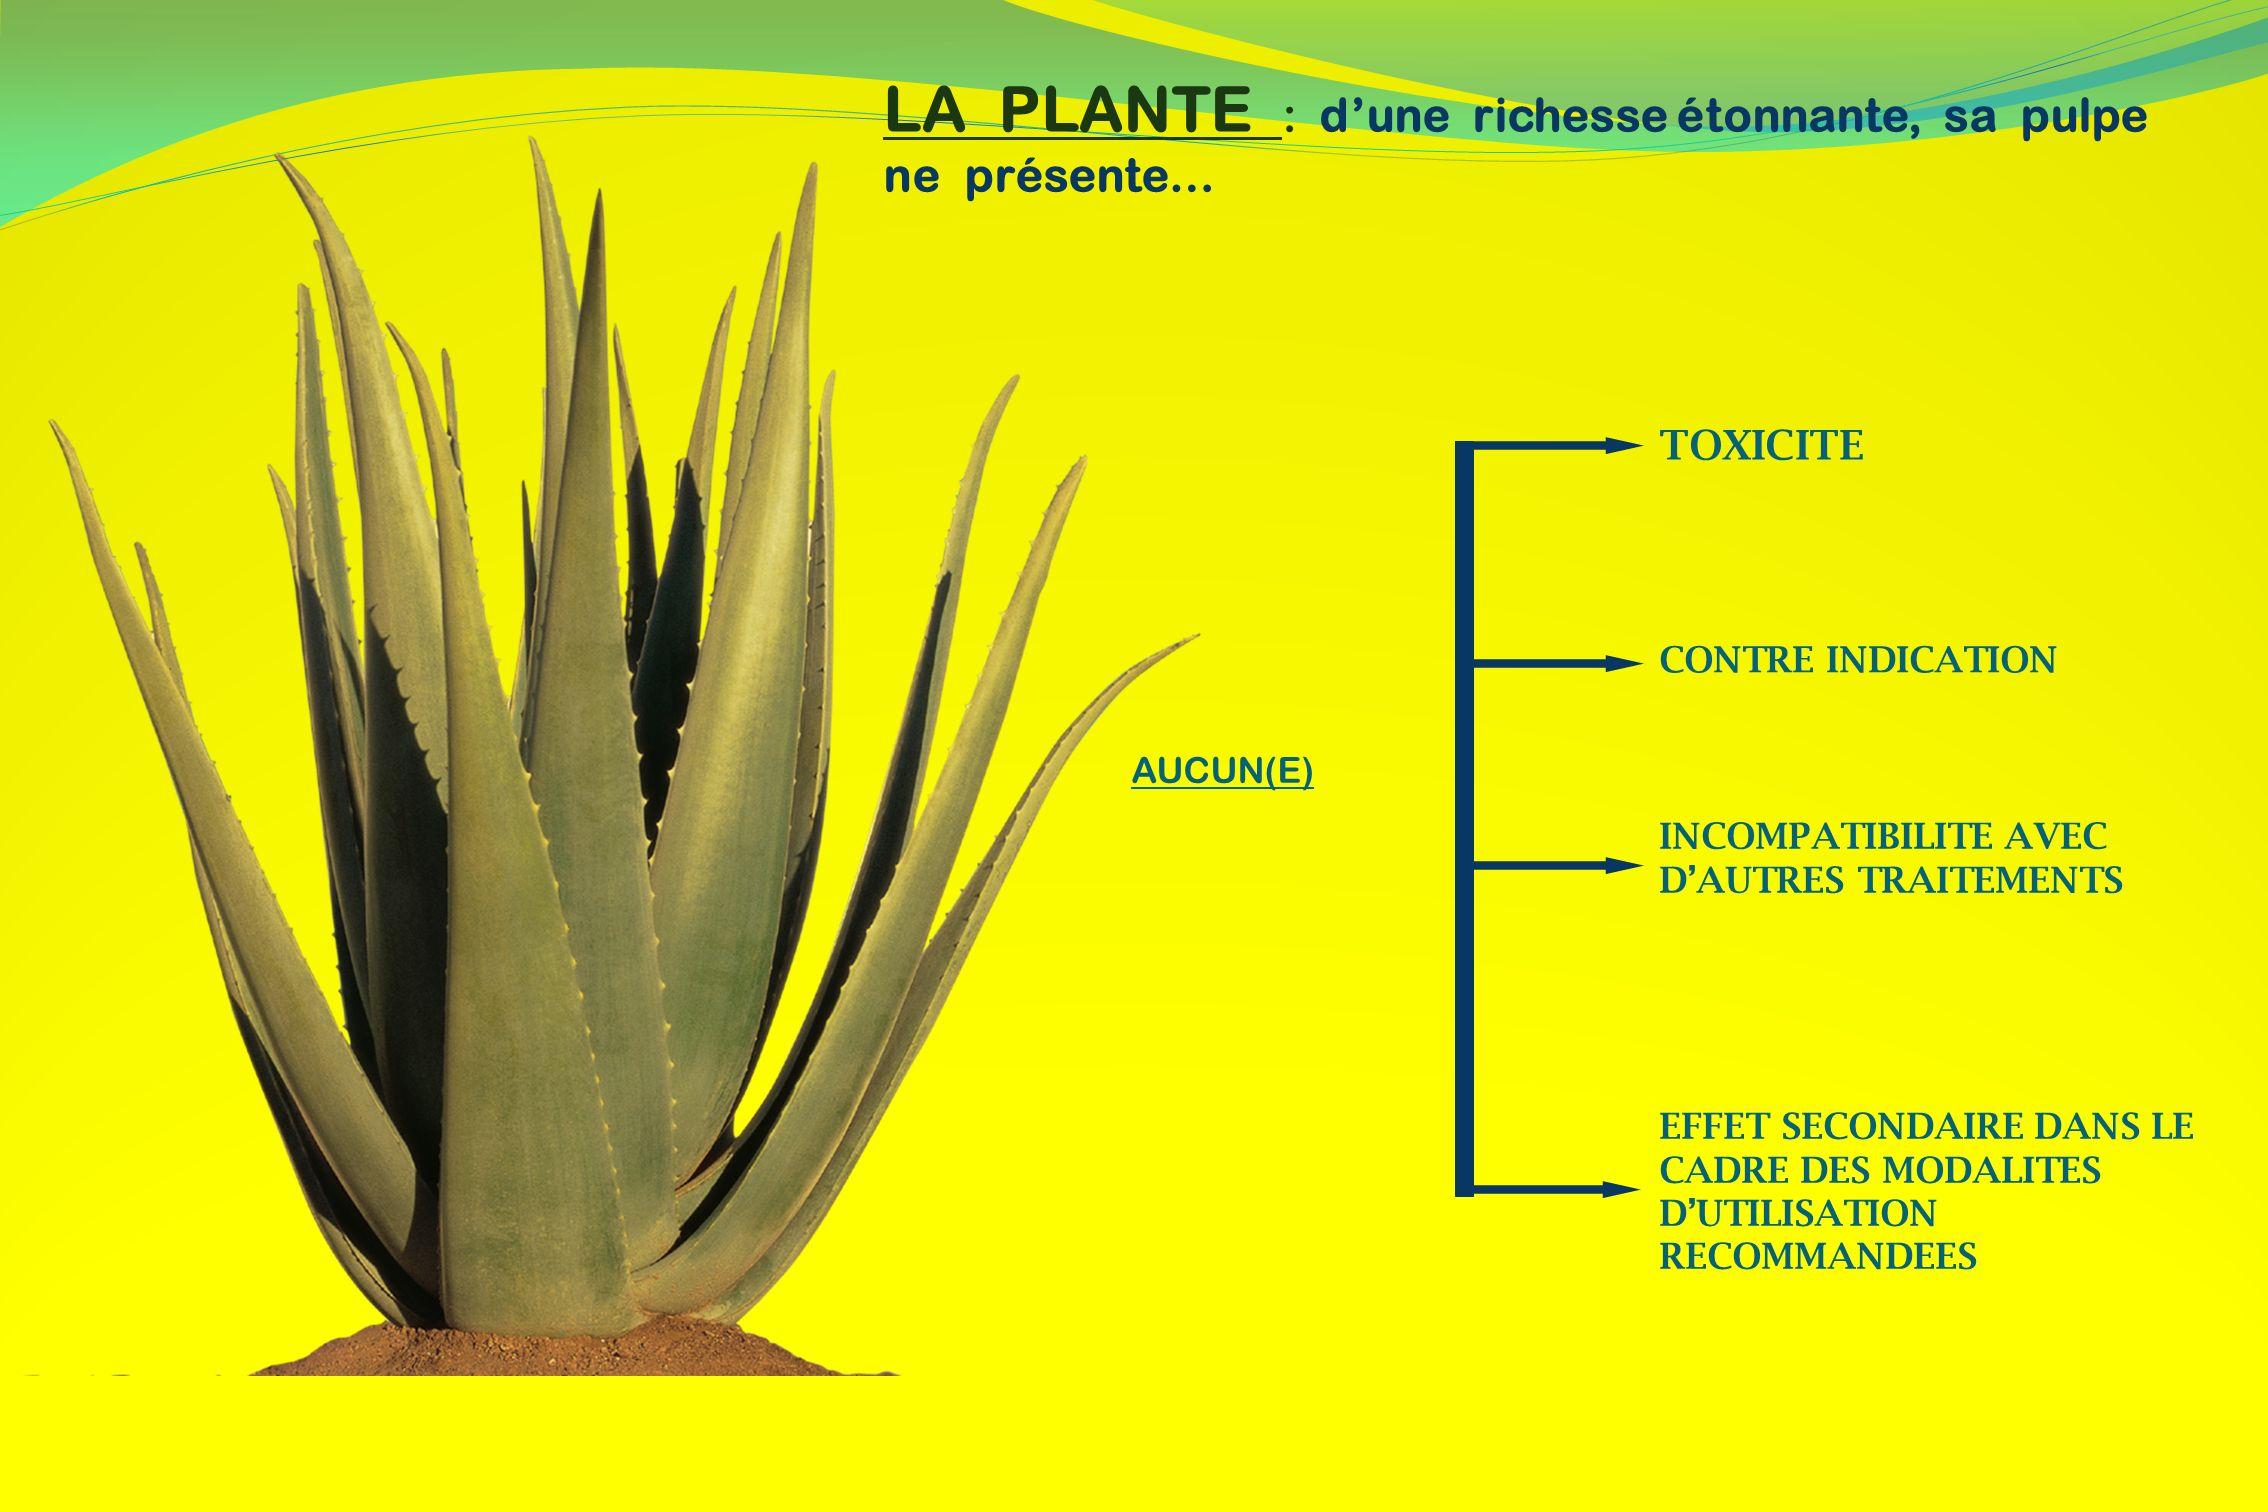 TOXICITE INCOMPATIBILITE AVEC DAUTRES TRAITEMENTS LA PLANTE : dune richesse étonnante, sa pulpe ne présente… EFFET SECONDAIRE DANS LE CADRE DES MODALI